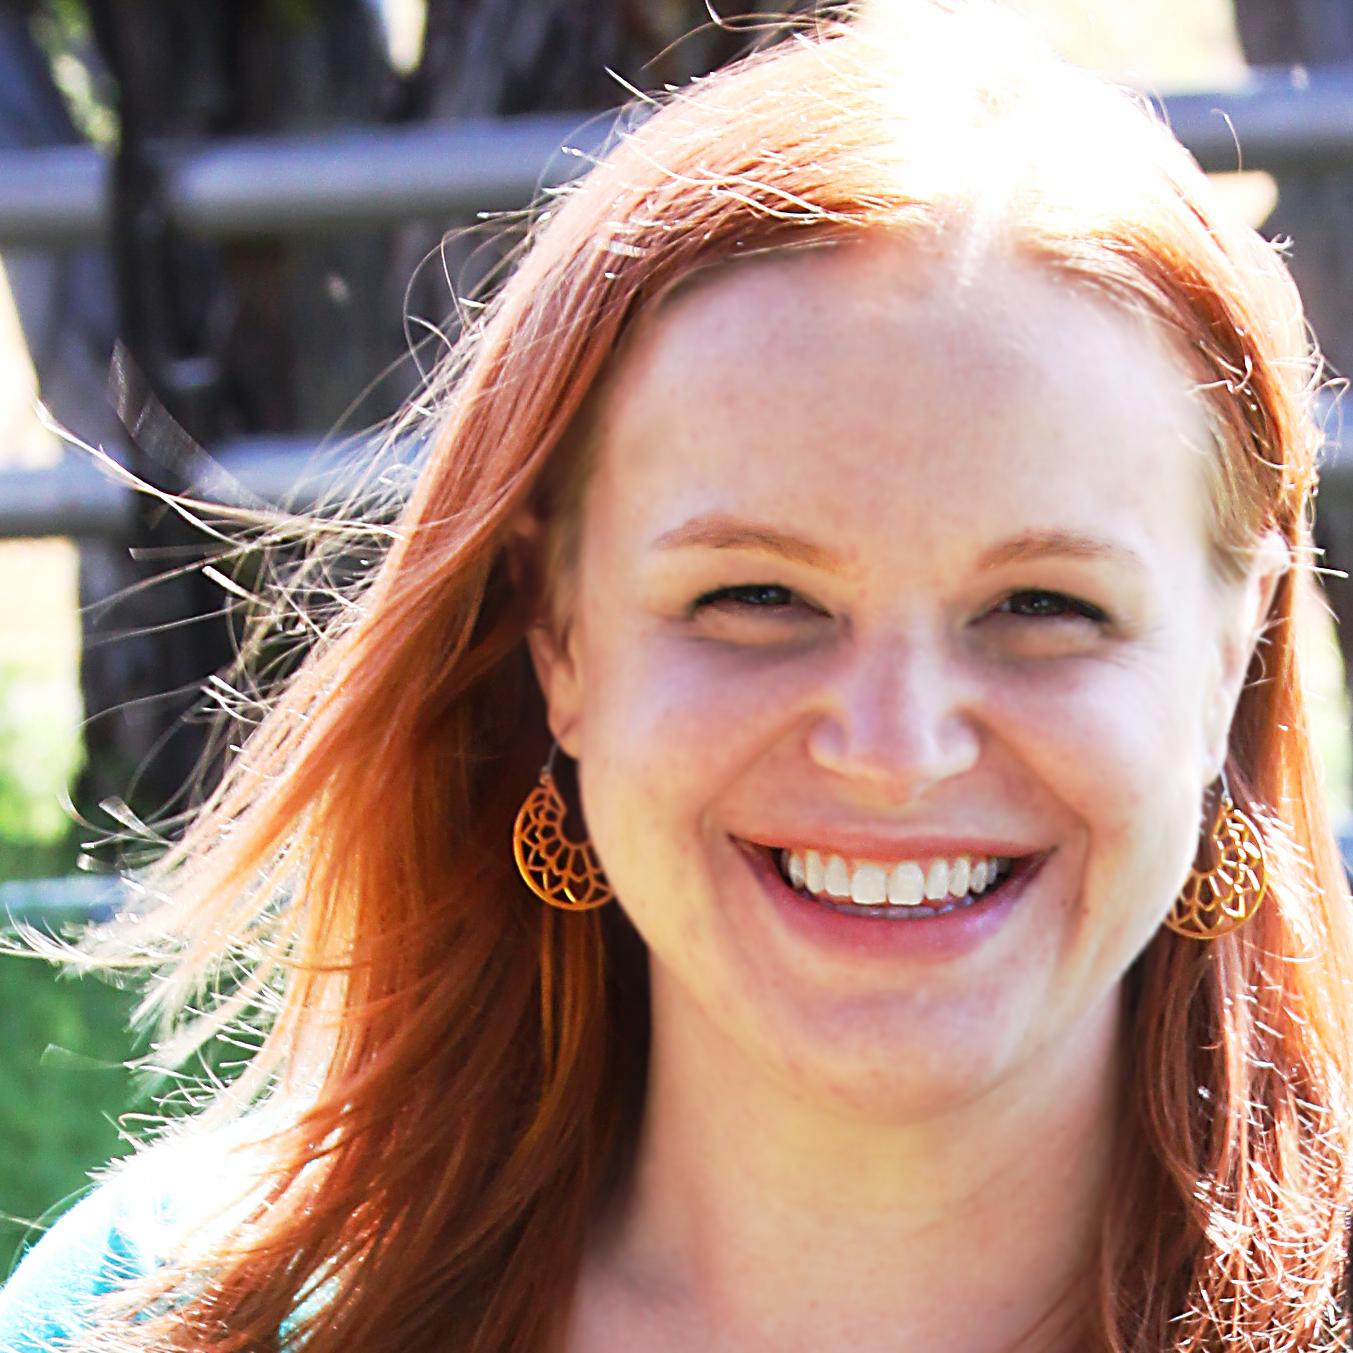 Courtney Ramirez